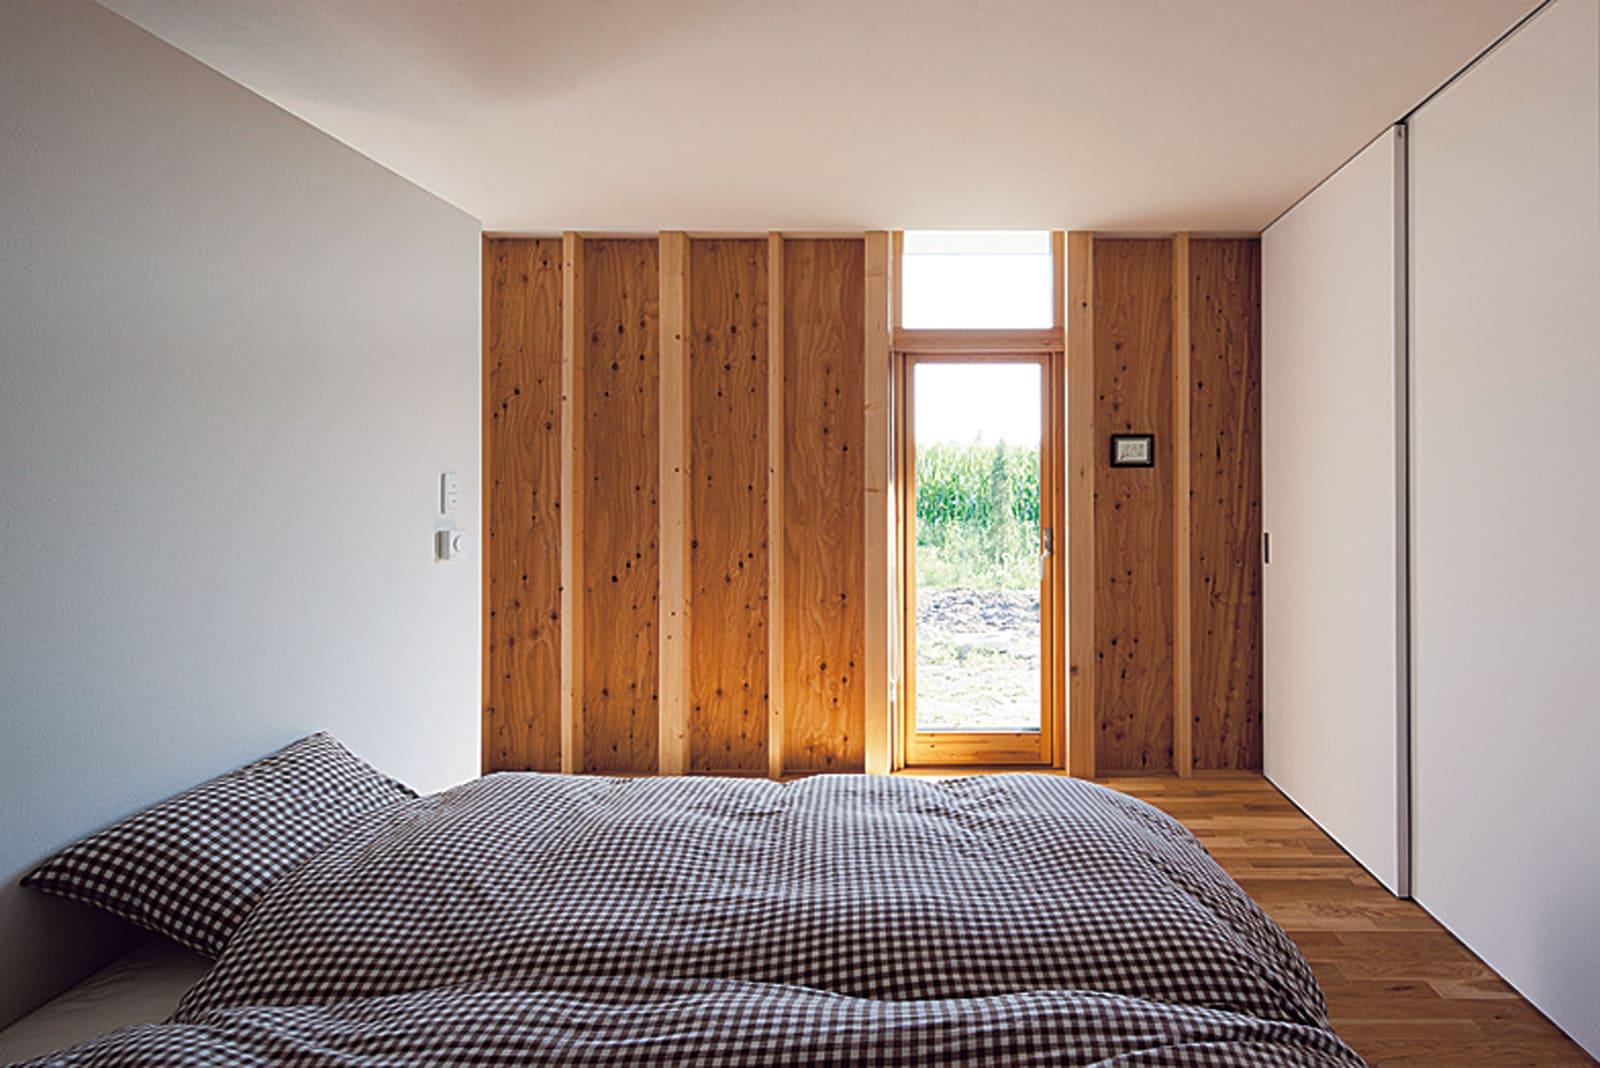 寝室と書斎は一番東側に配置。必要に応じて廊下を閉じることができる